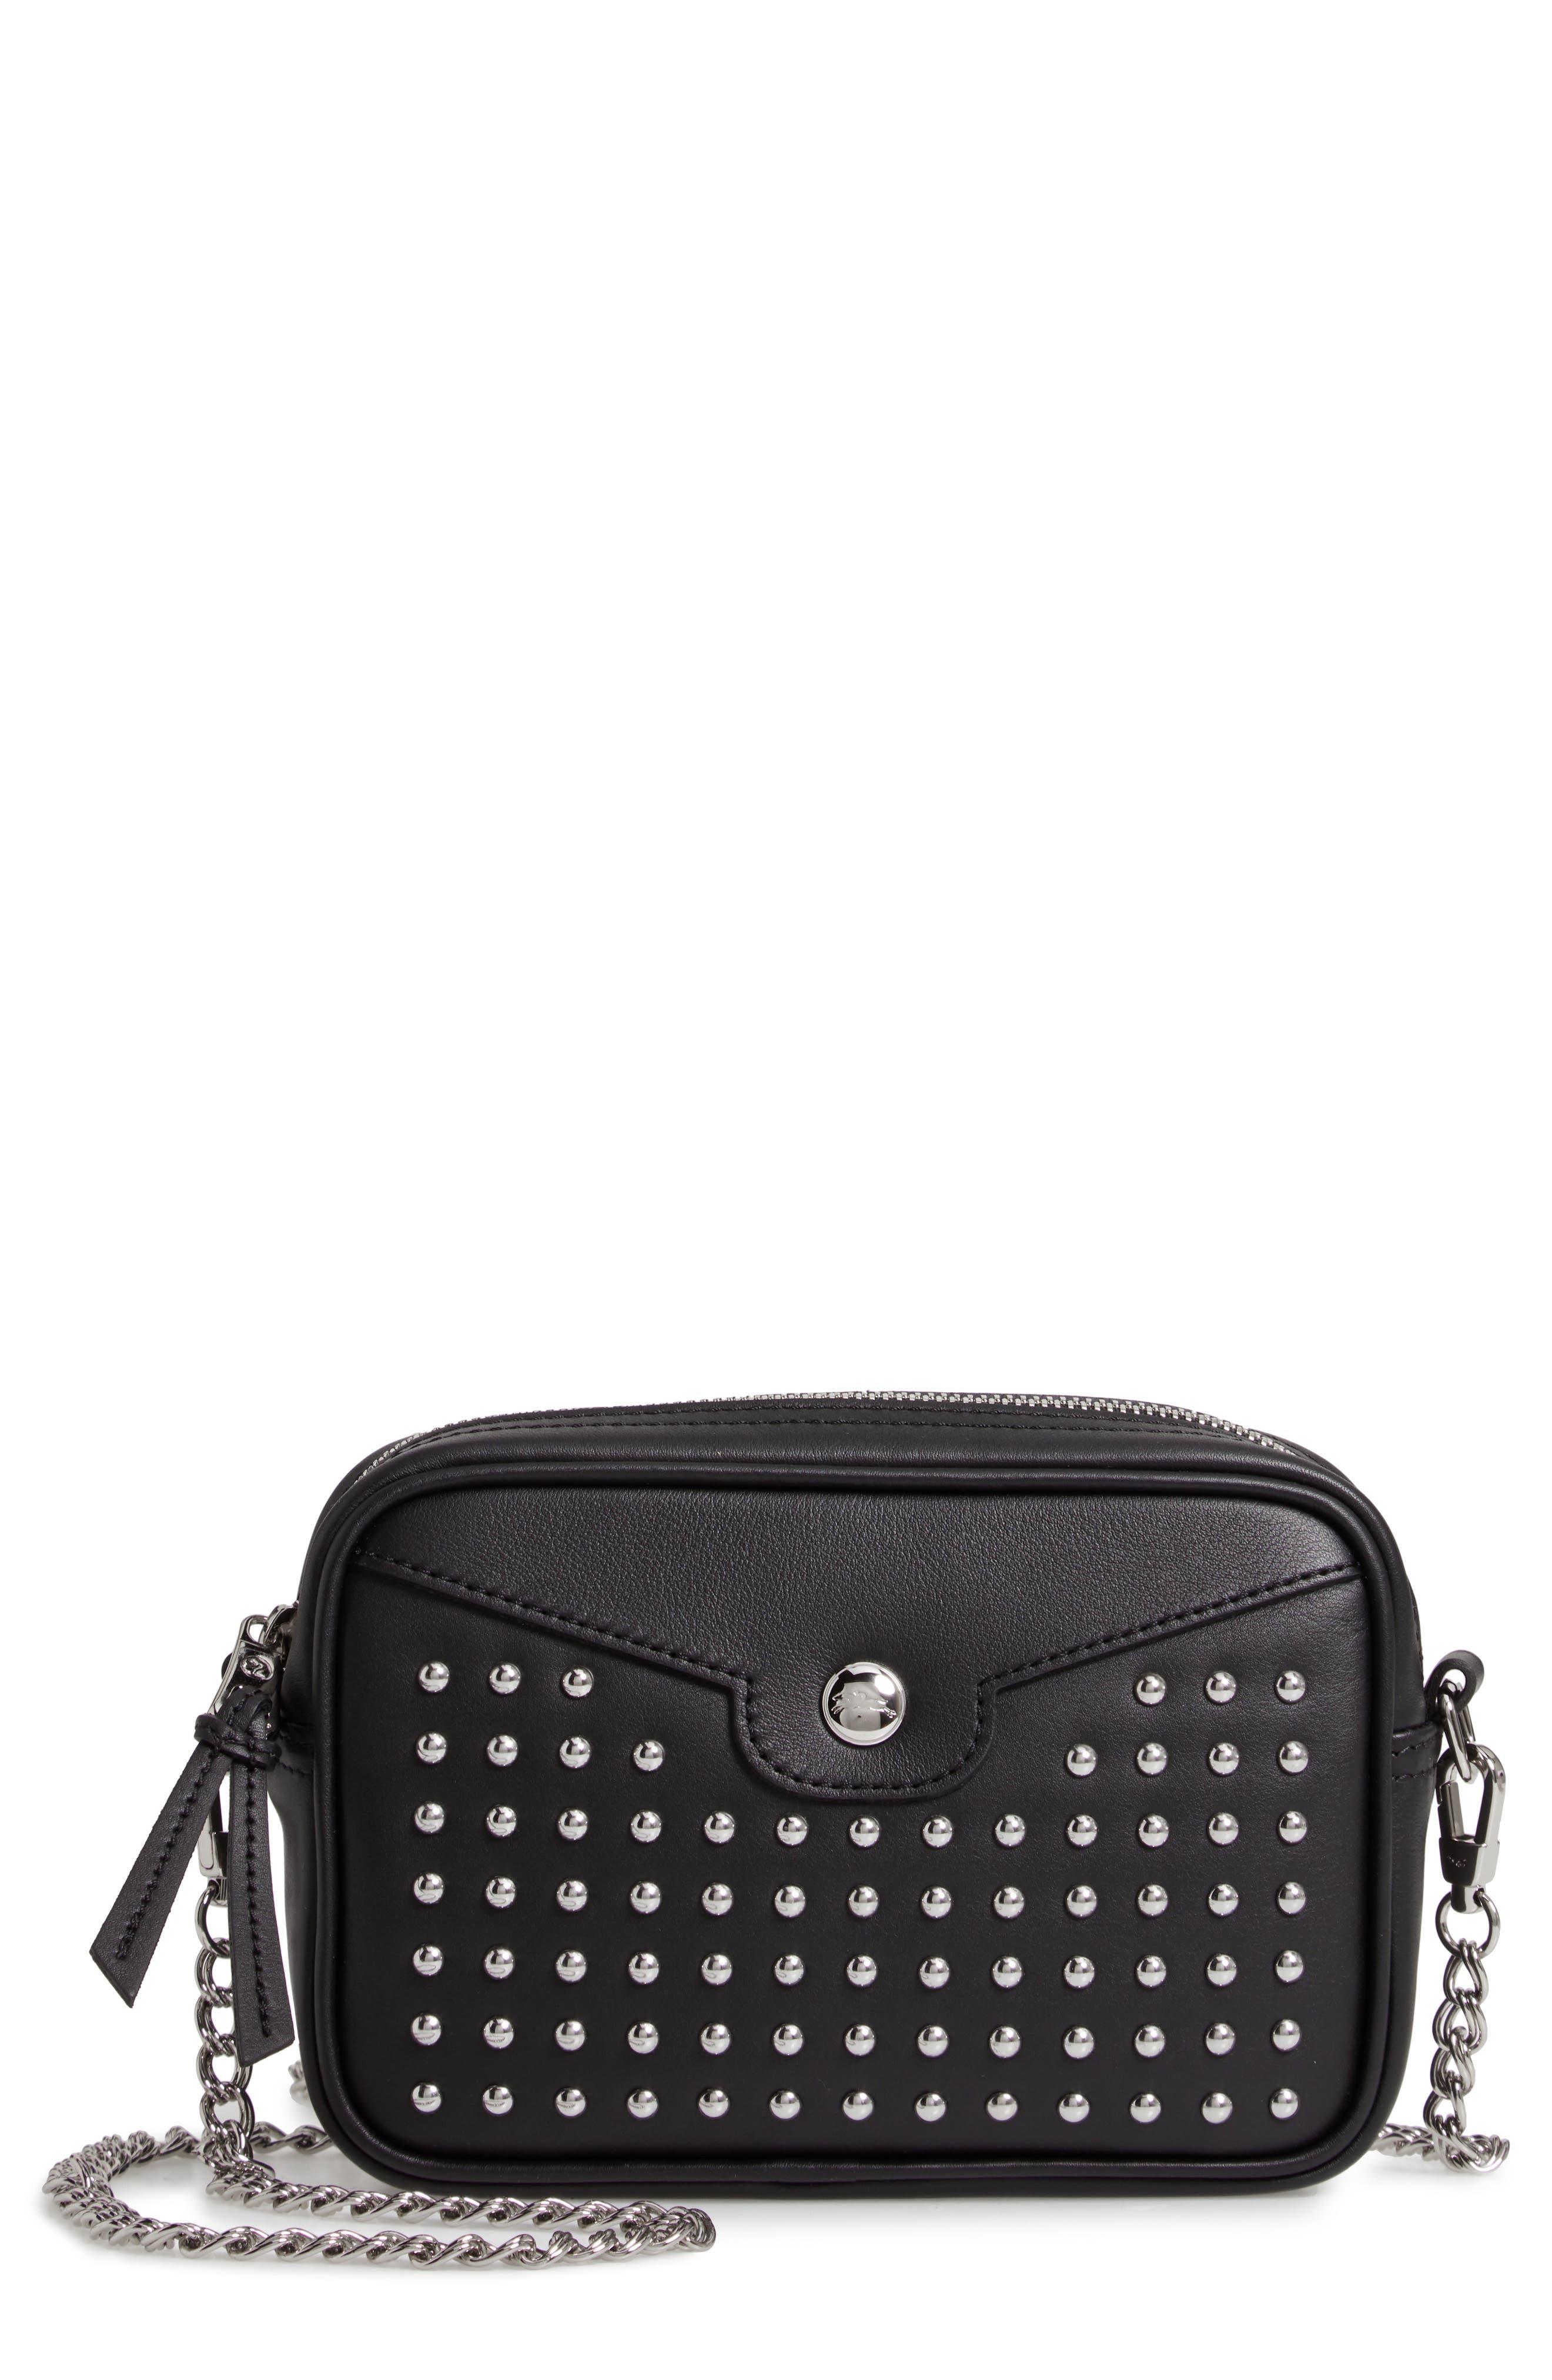 Mademoiselle Studded Leather Camera Bag - Black